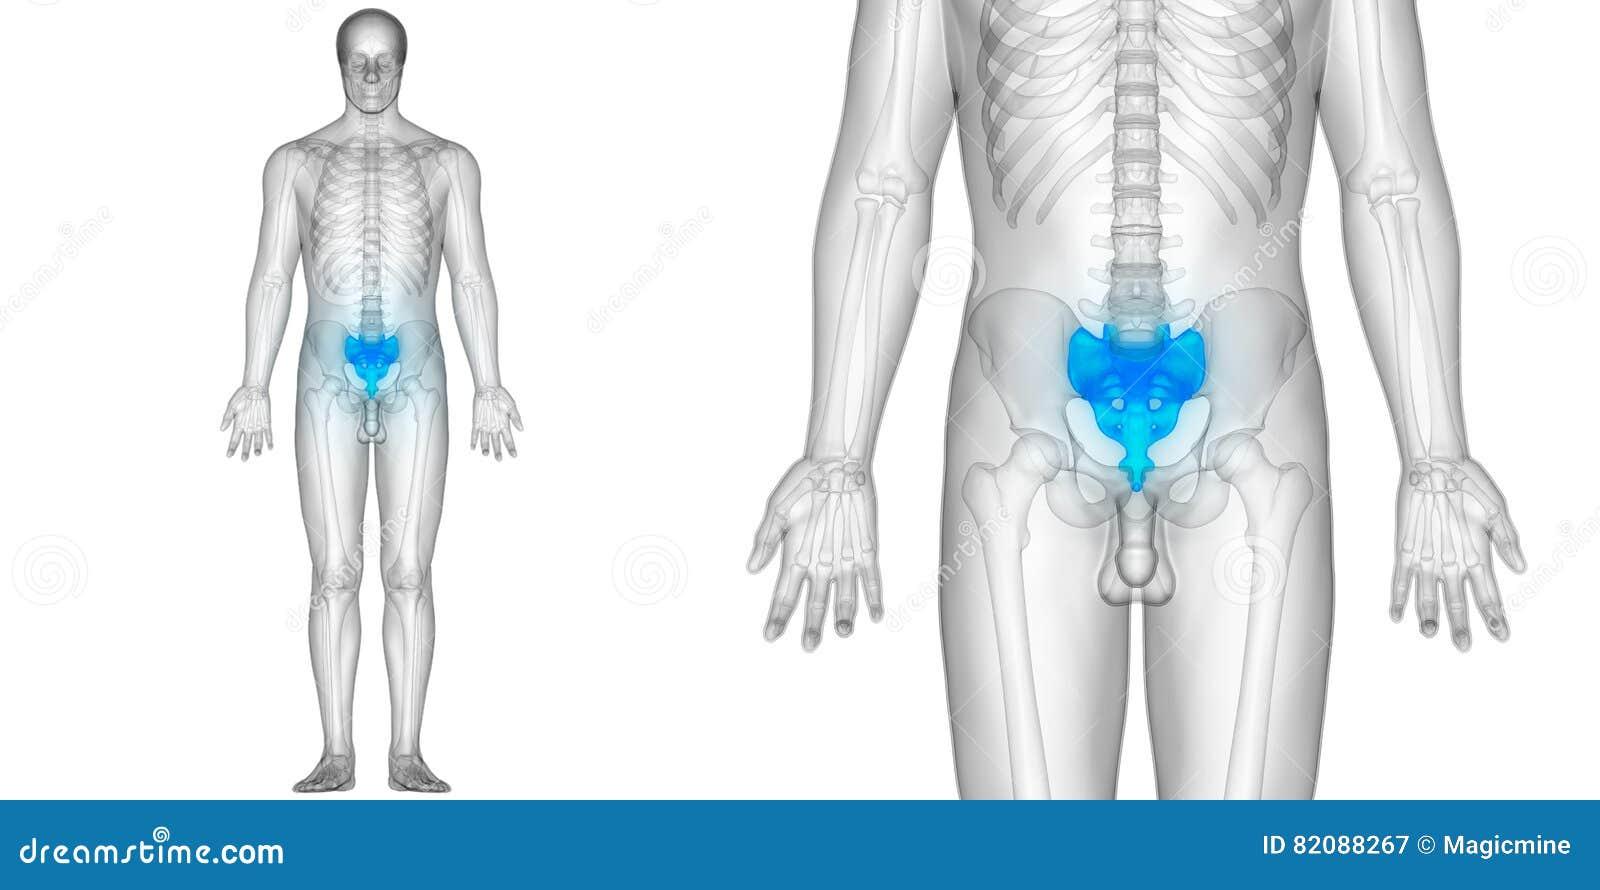 Fantastisch Anatomie Des Sacrum Zeitgenössisch - Menschliche ...